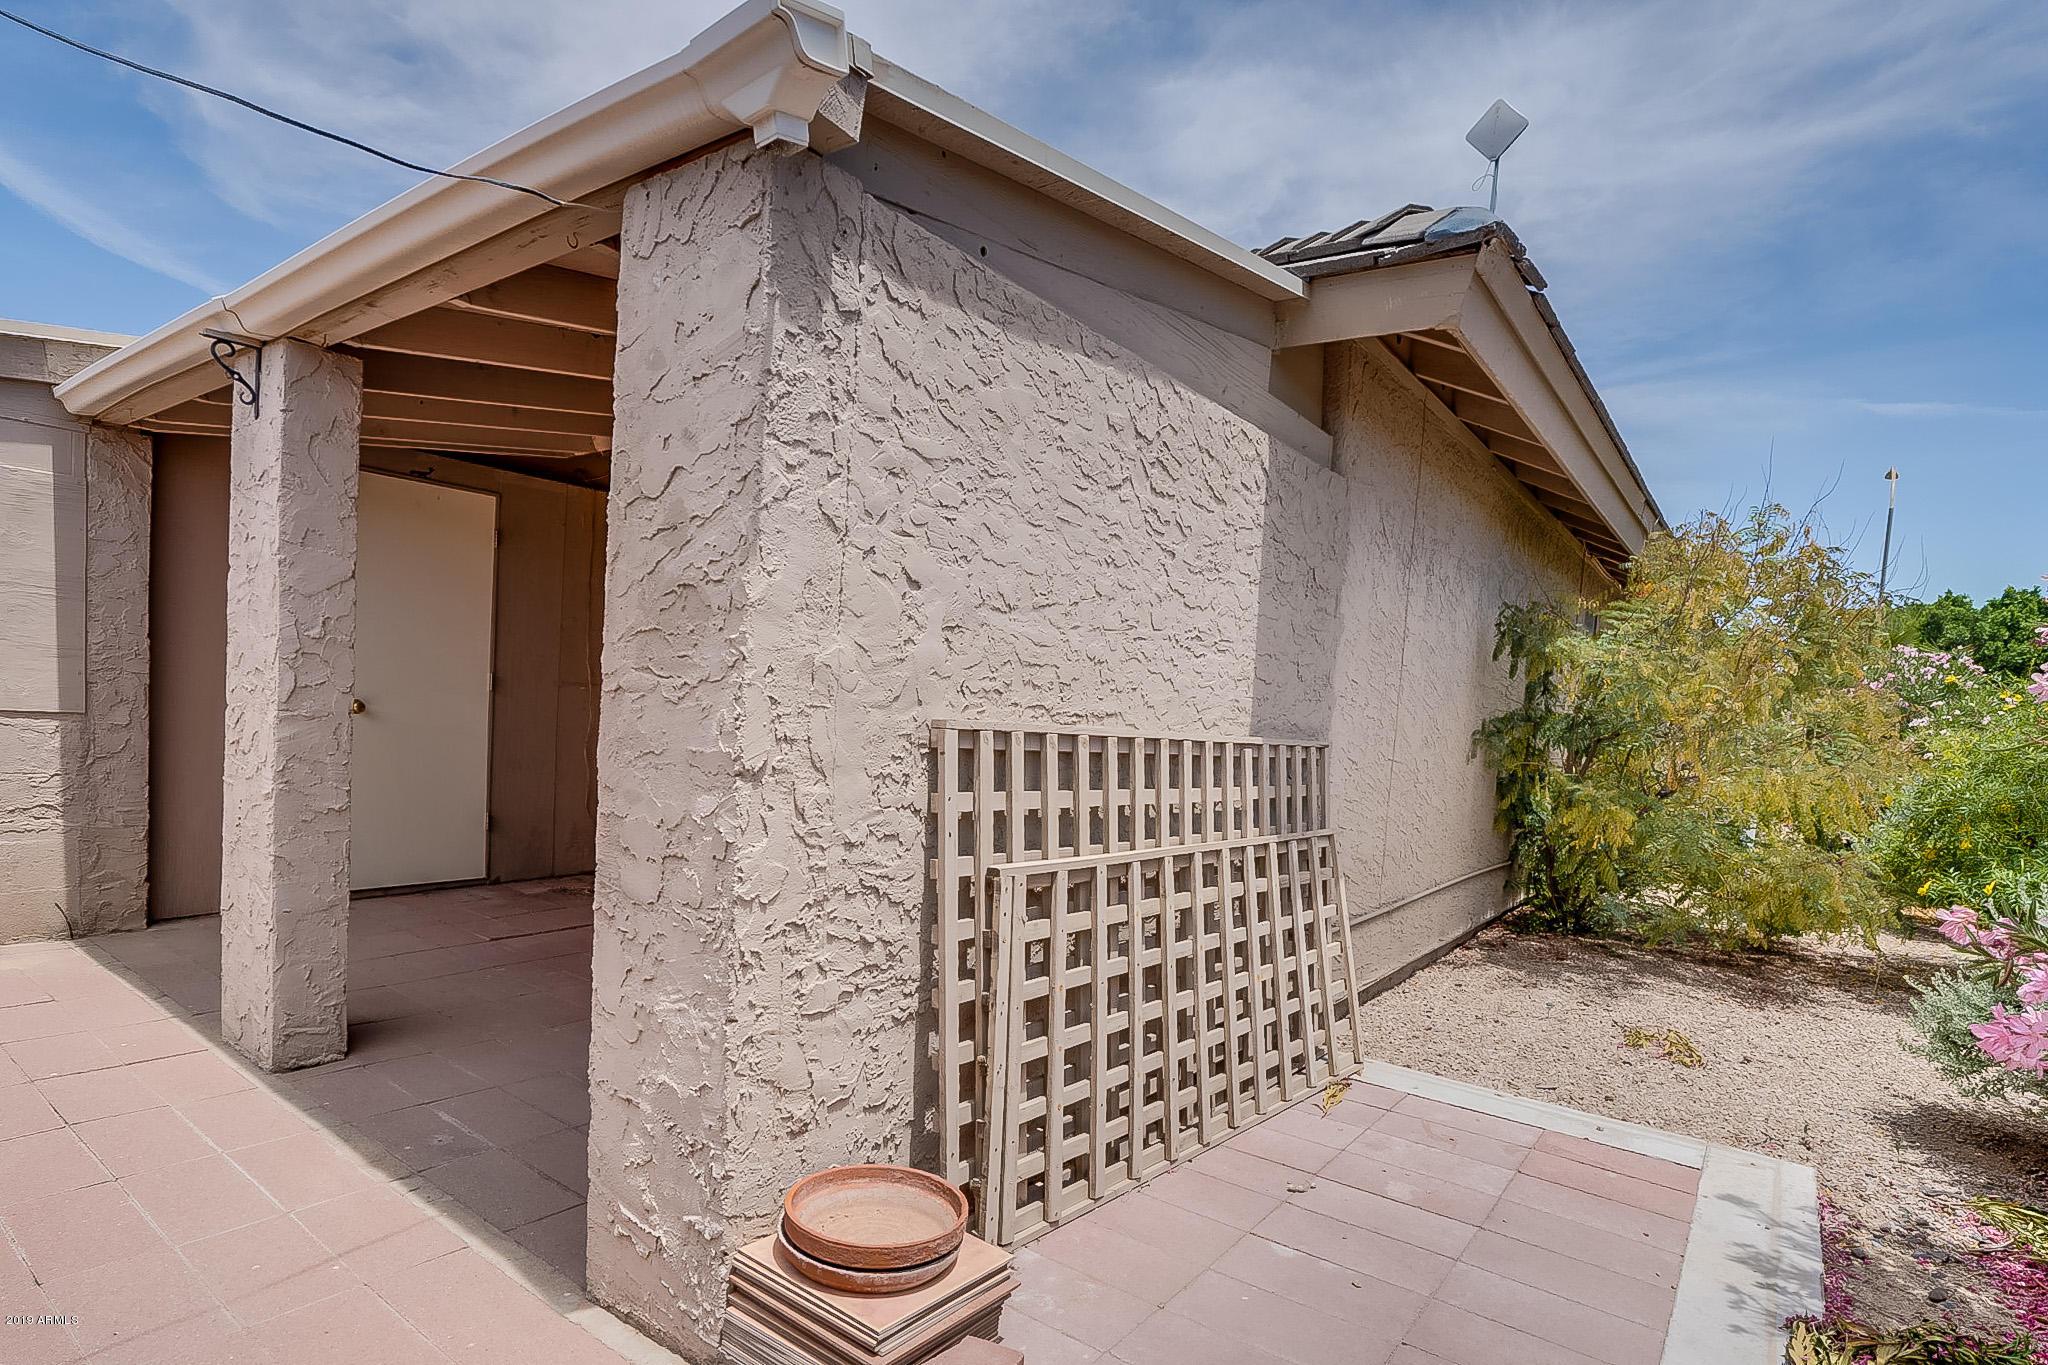 MLS 5928018 12814 S 40TH Place, Phoenix, AZ 85044 Phoenix AZ Short Sale